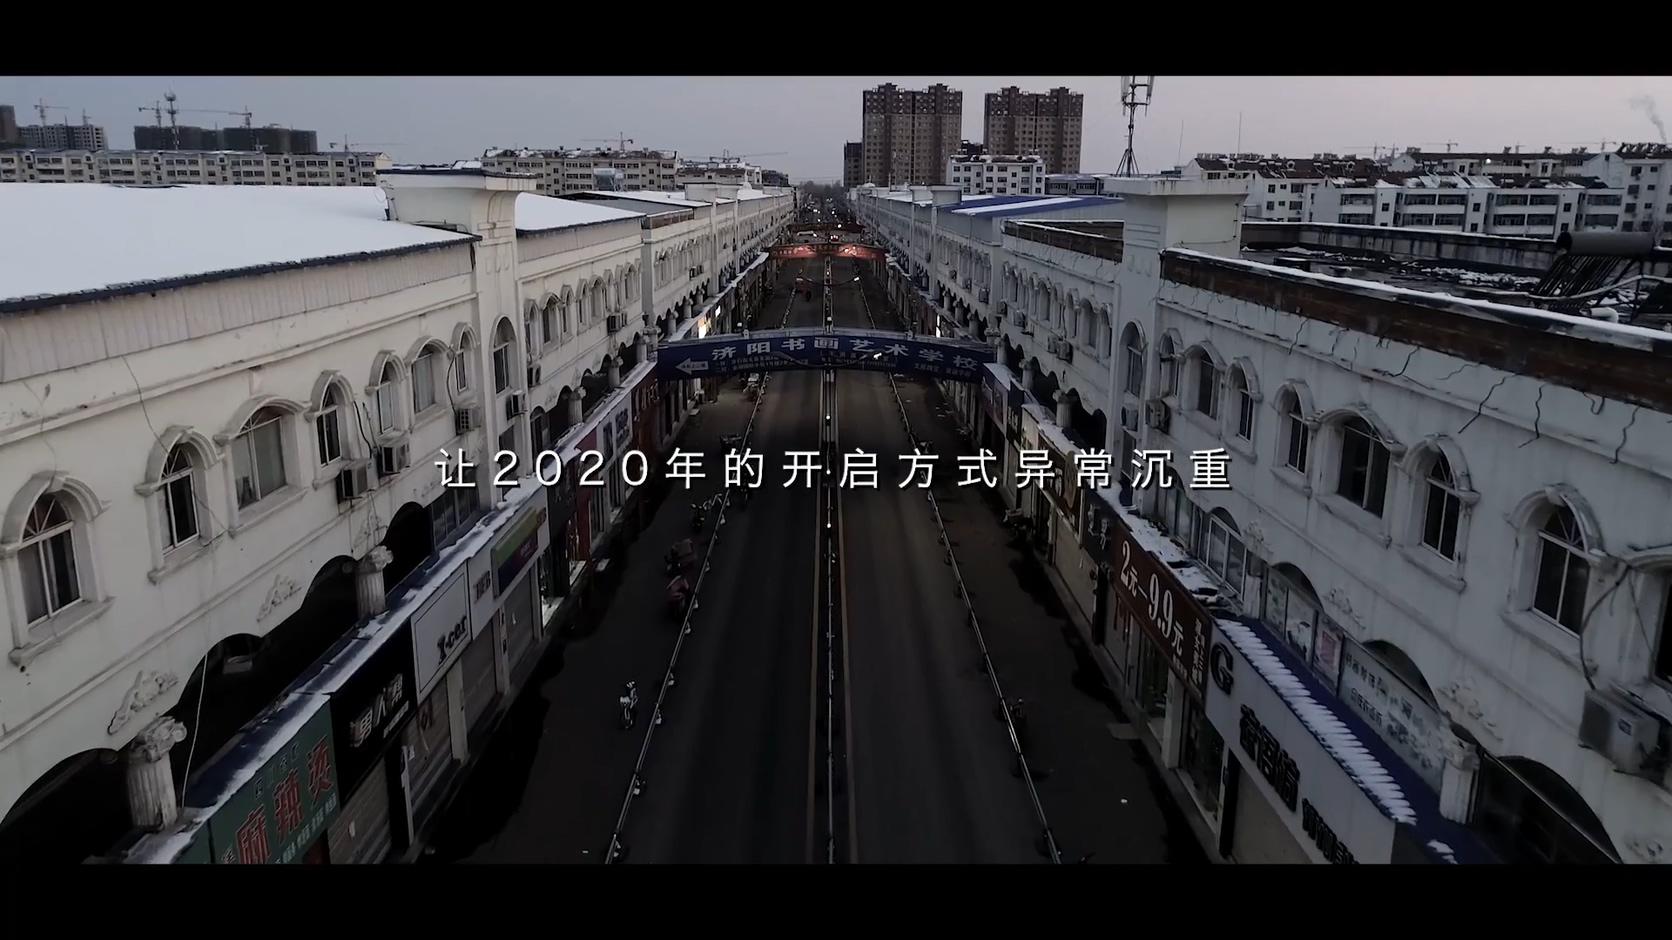 《逆行》抗疫宣传片视频素材